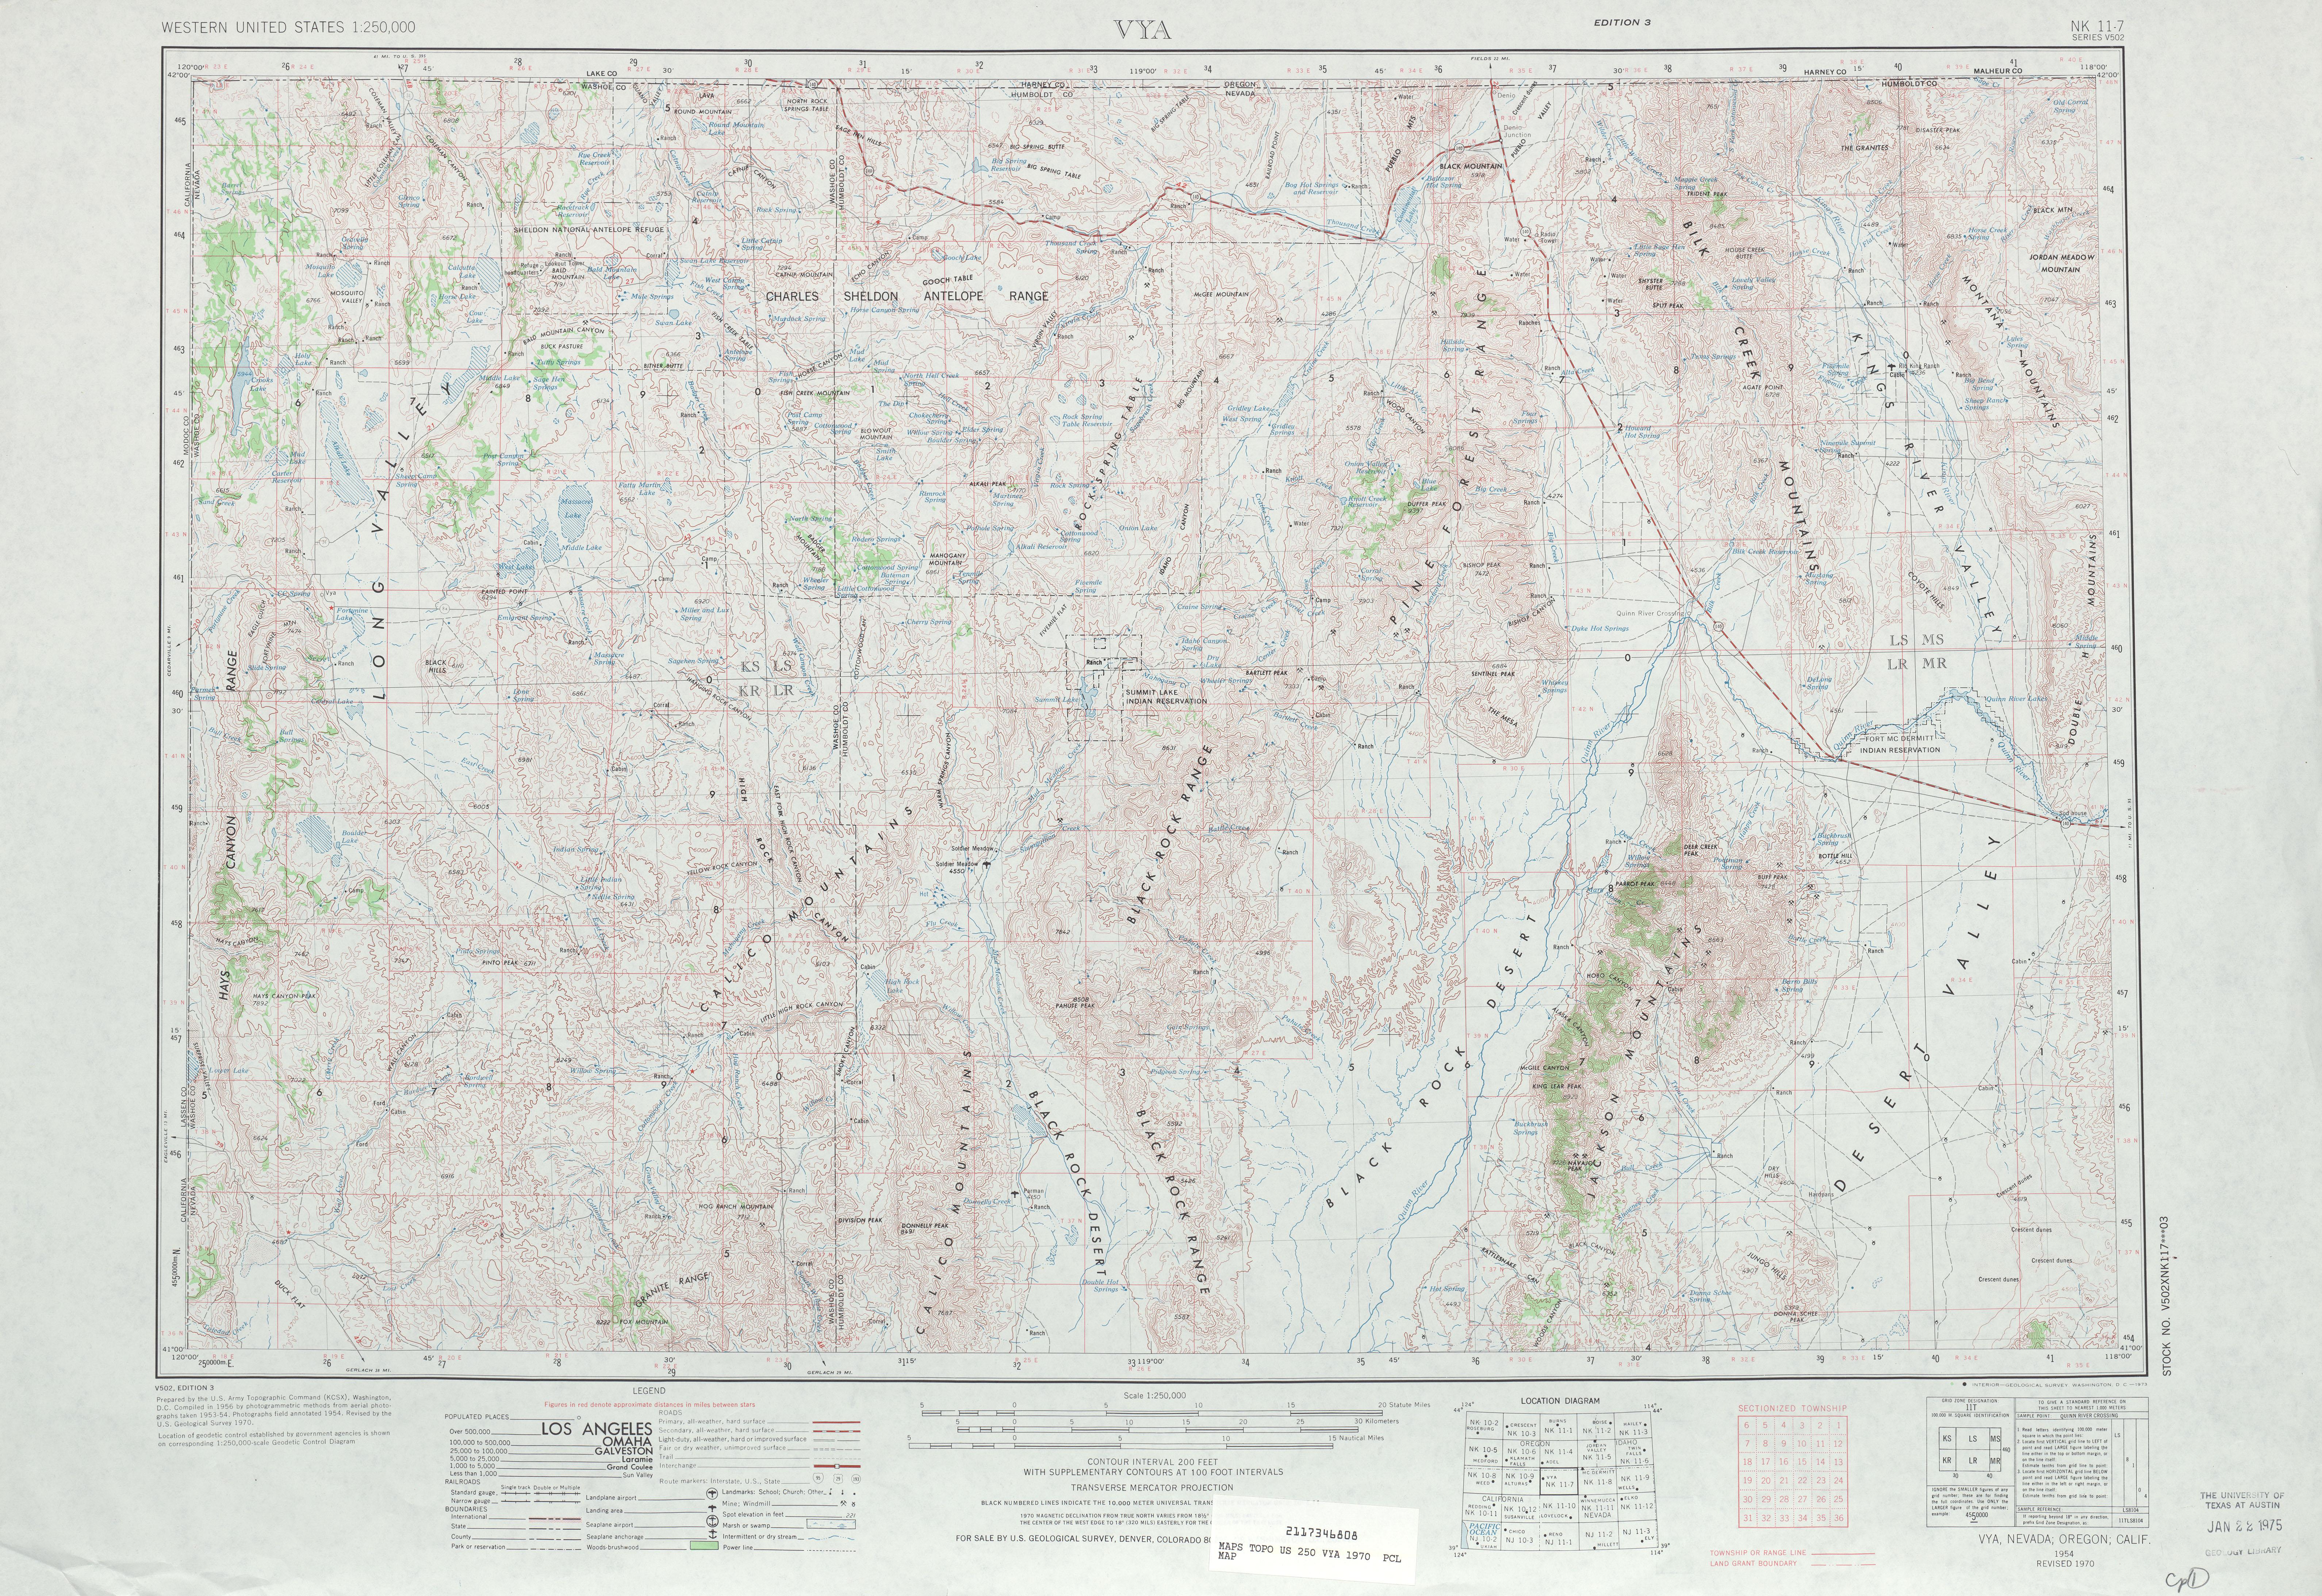 Hoja Vya del Mapa Topográfico de los Estados Unidos 1970